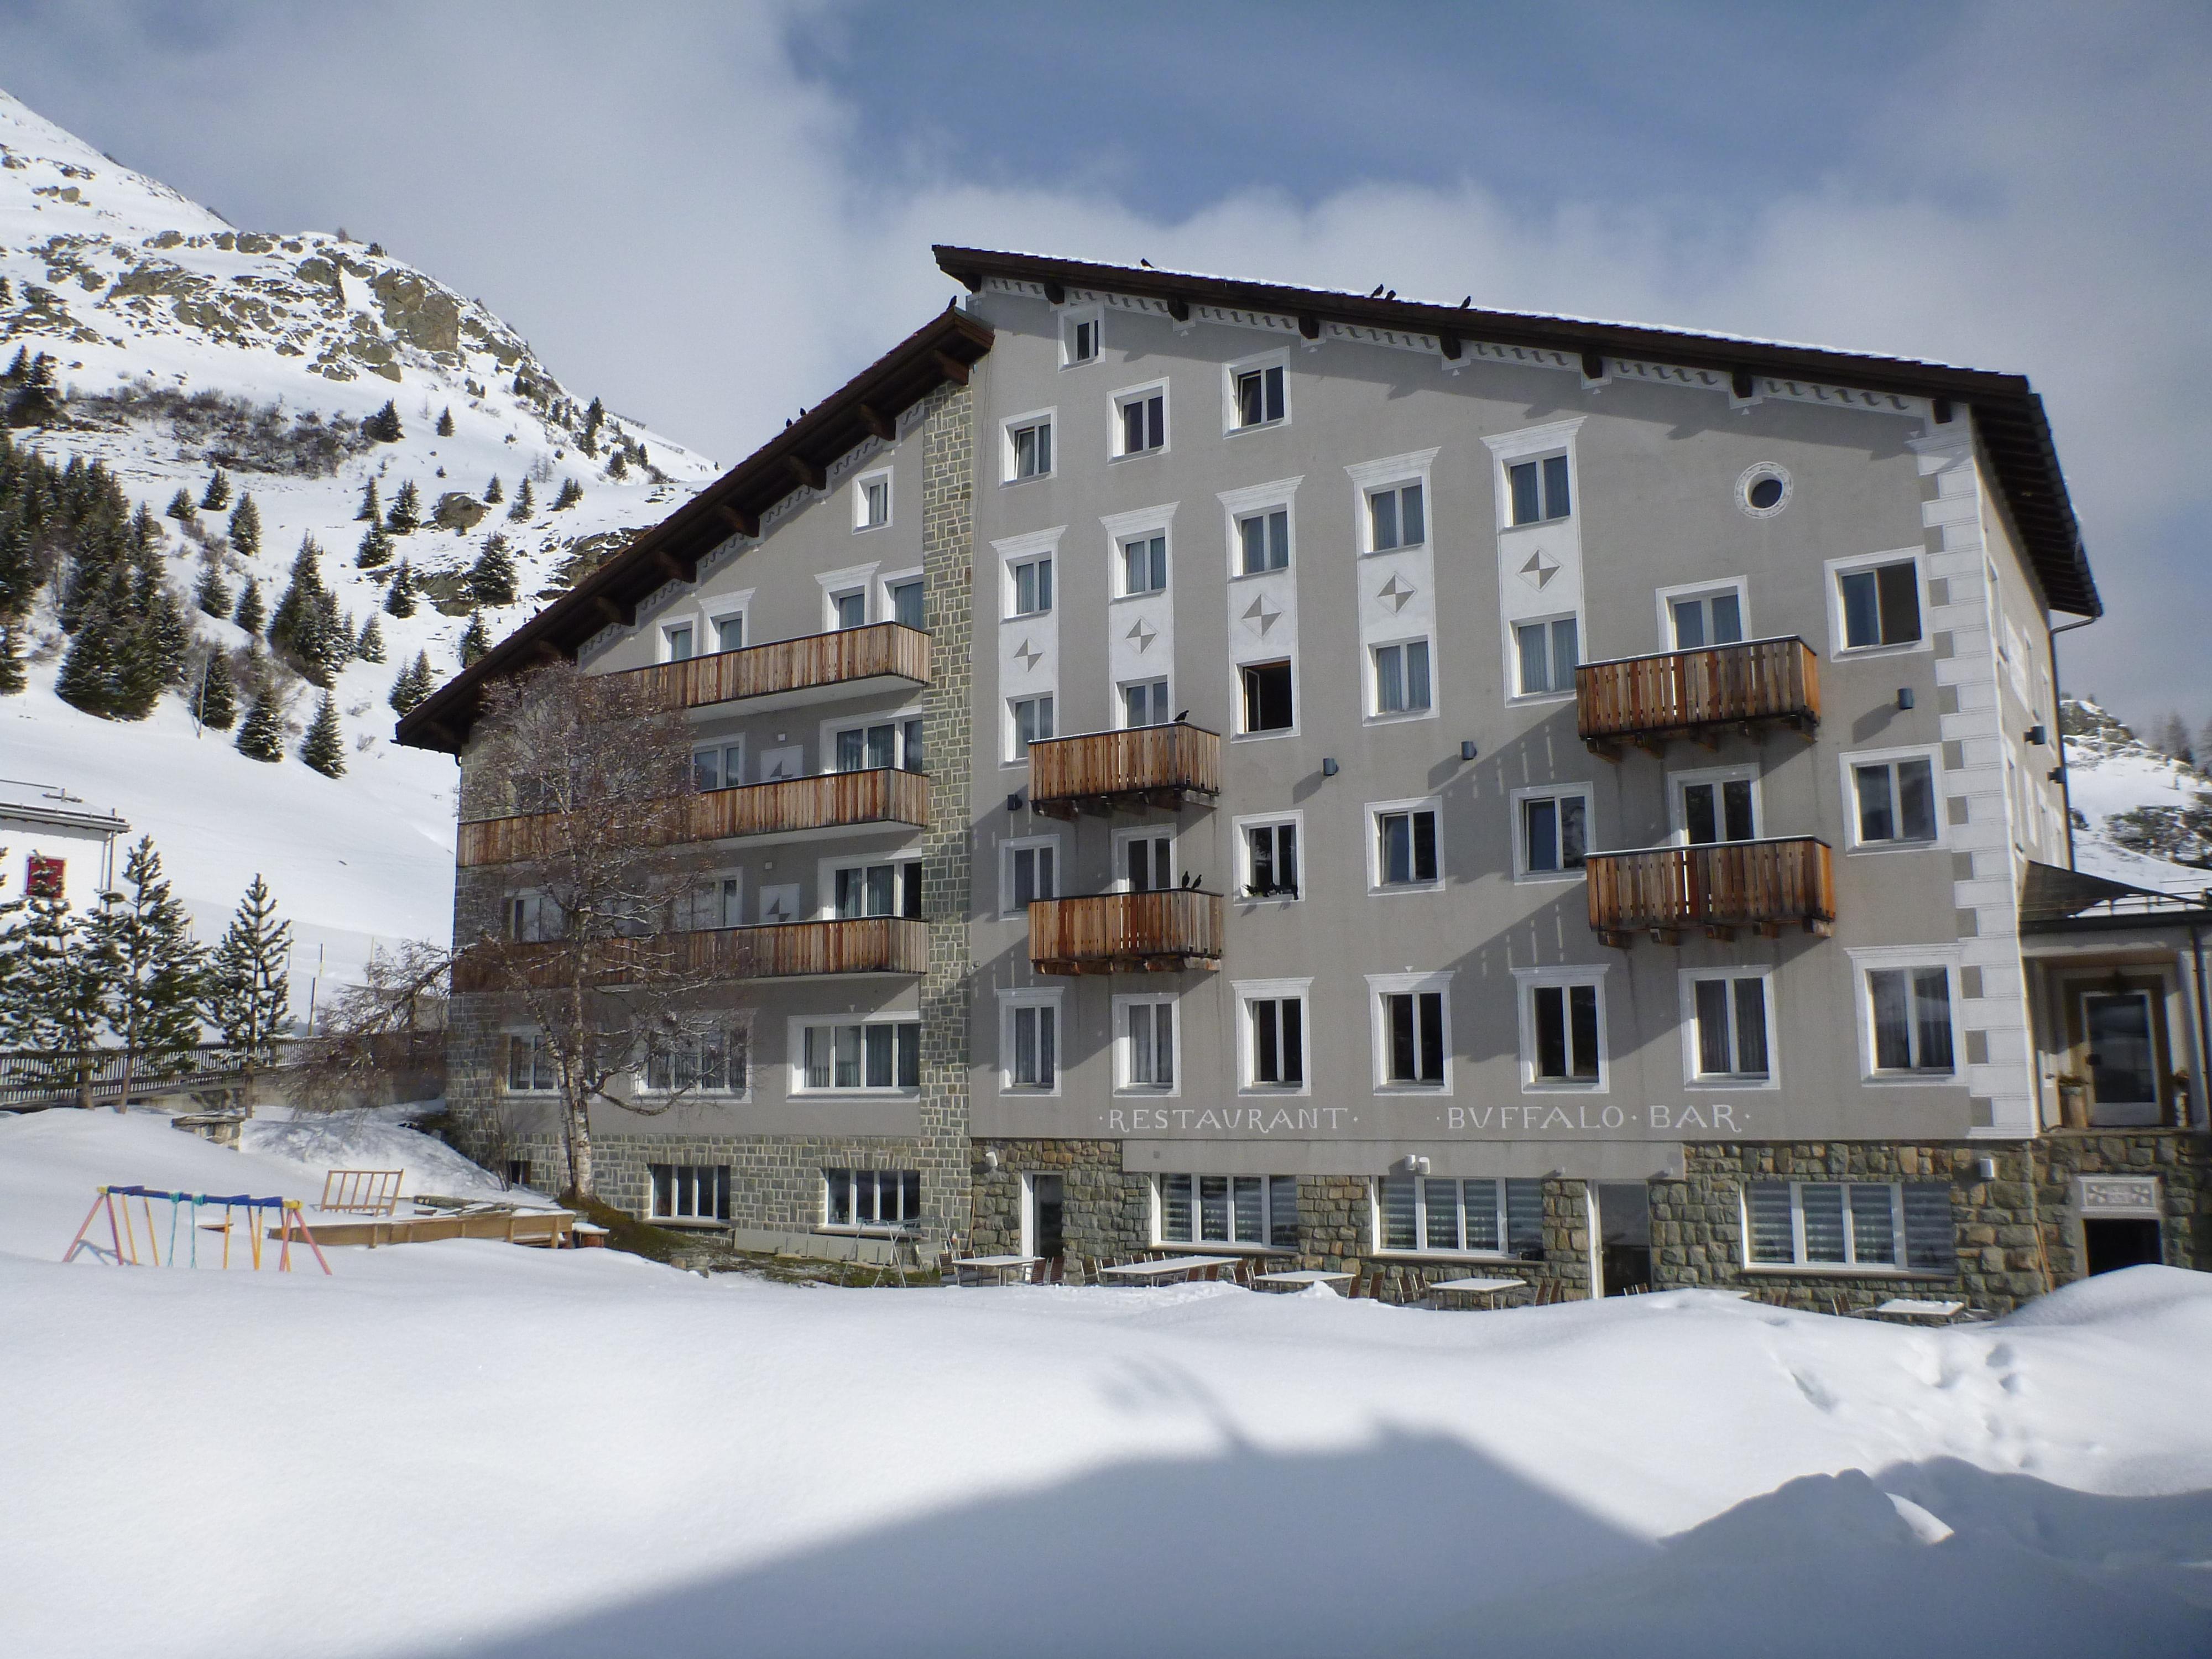 Hotel Grischuna Bivio